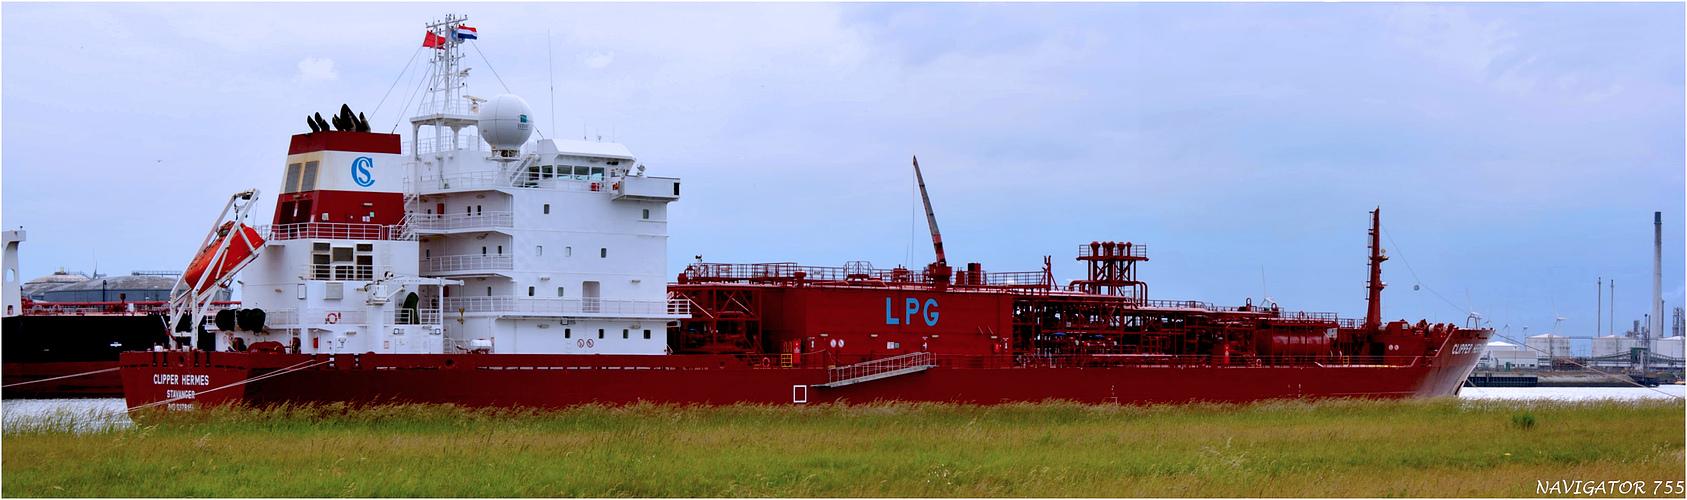 CLIPPER HERMES / LPG Tanker